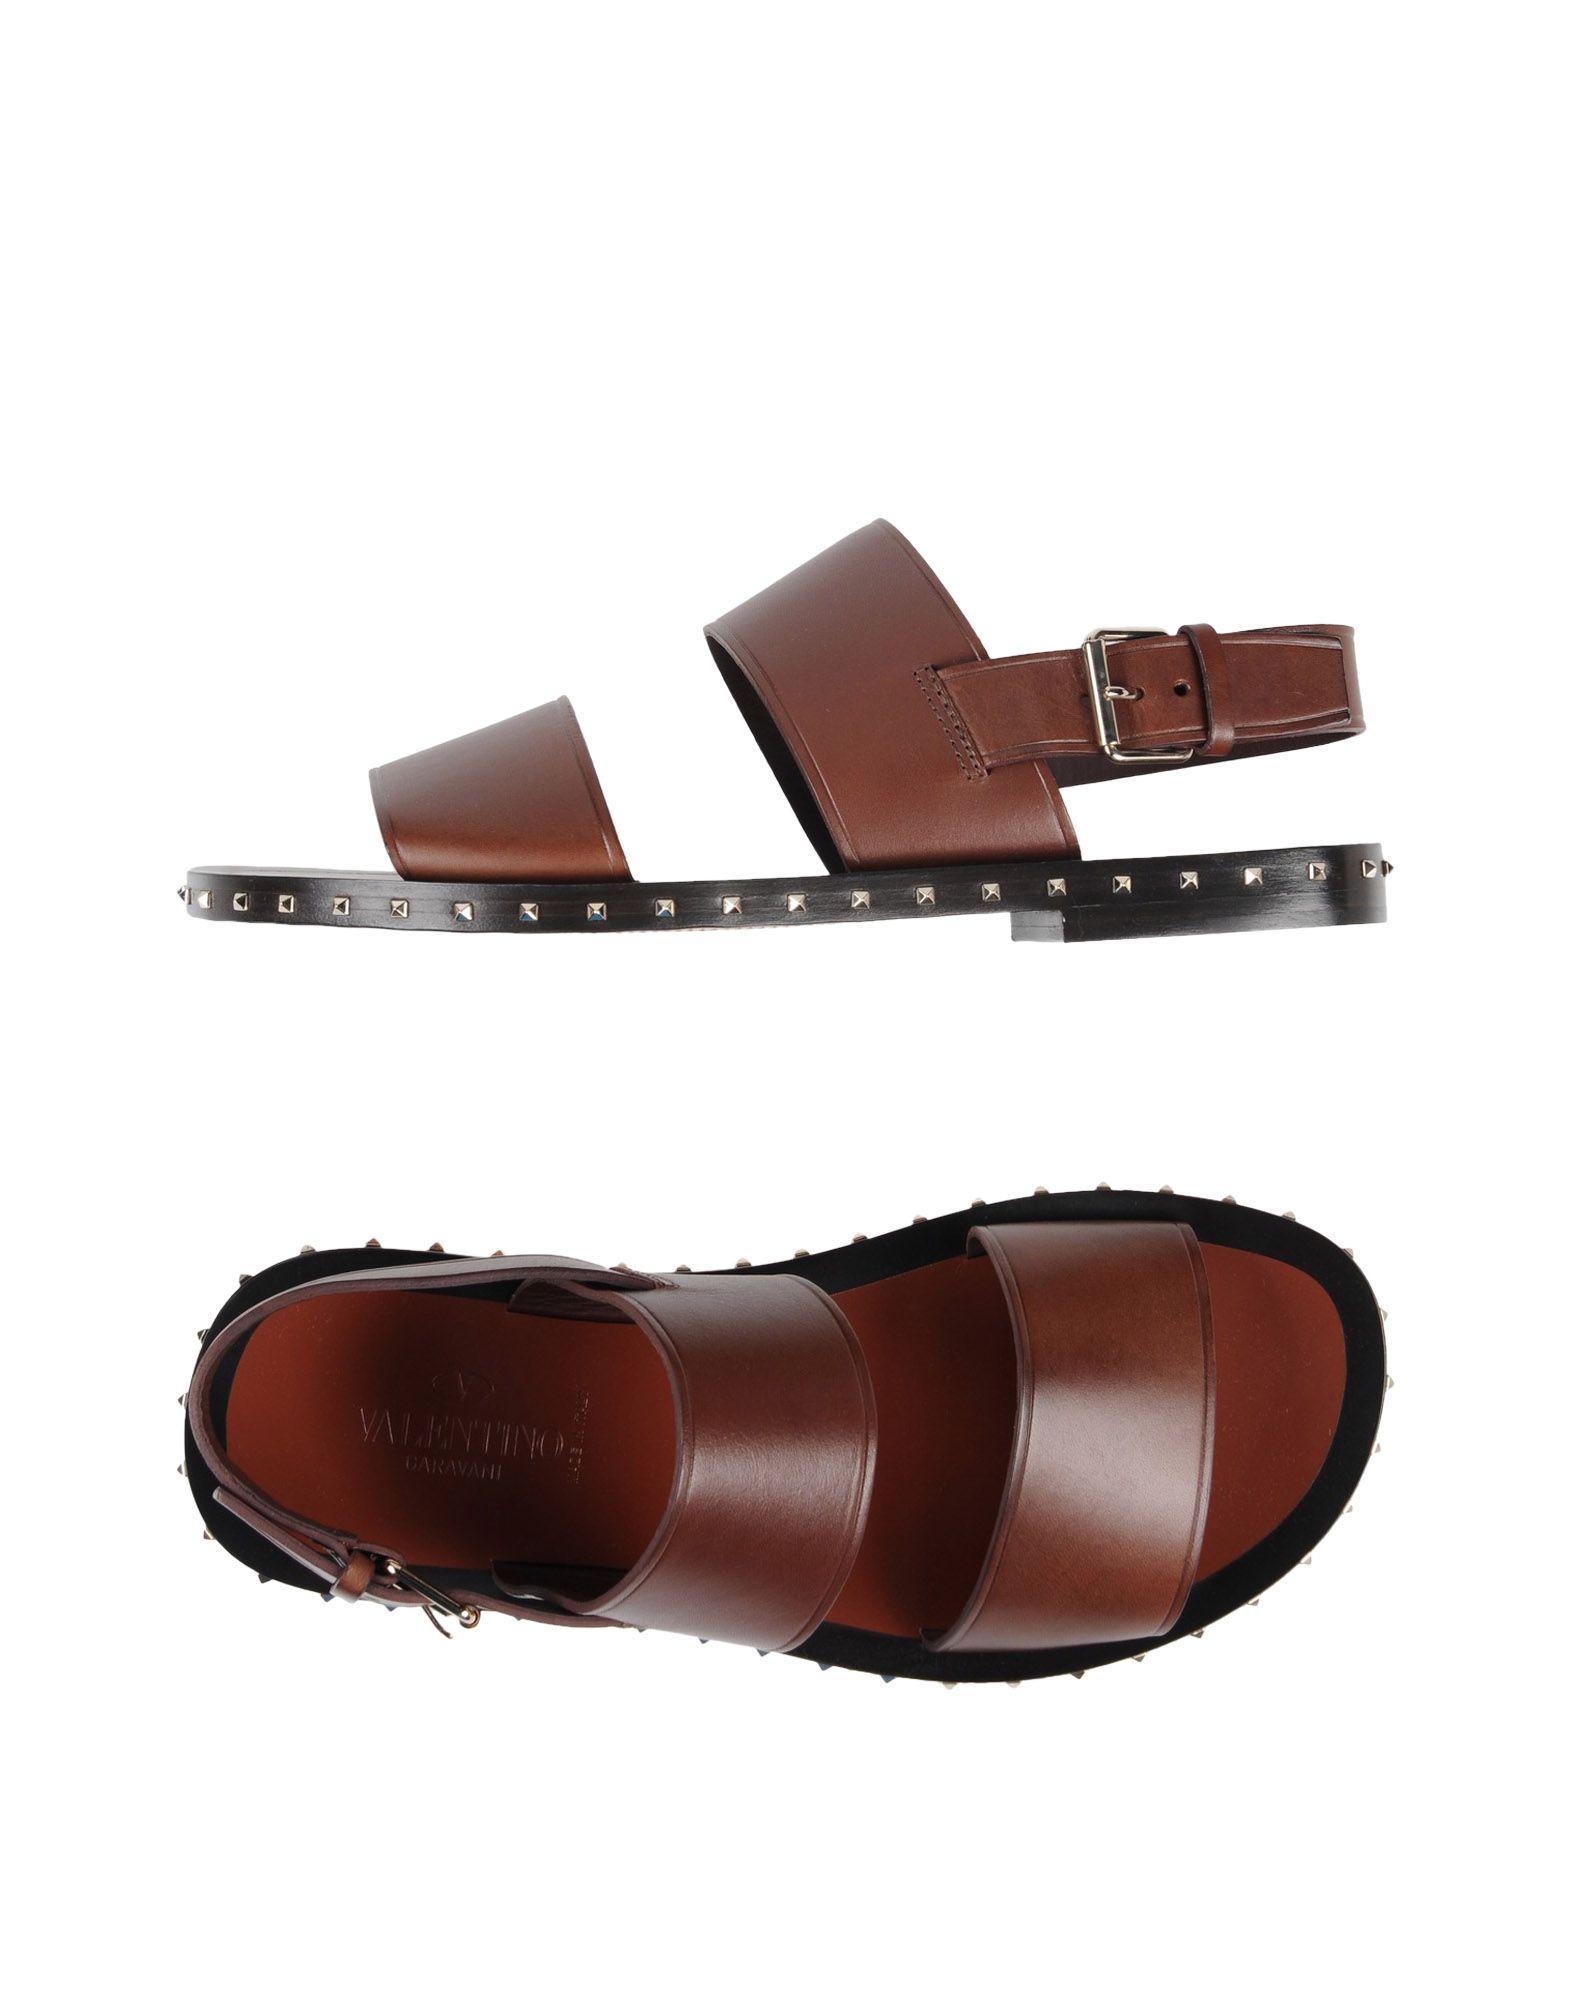 Valentino Garavani Sandalen Herren beliebte  41777942EX Gute Qualität beliebte Herren Schuhe da69dd